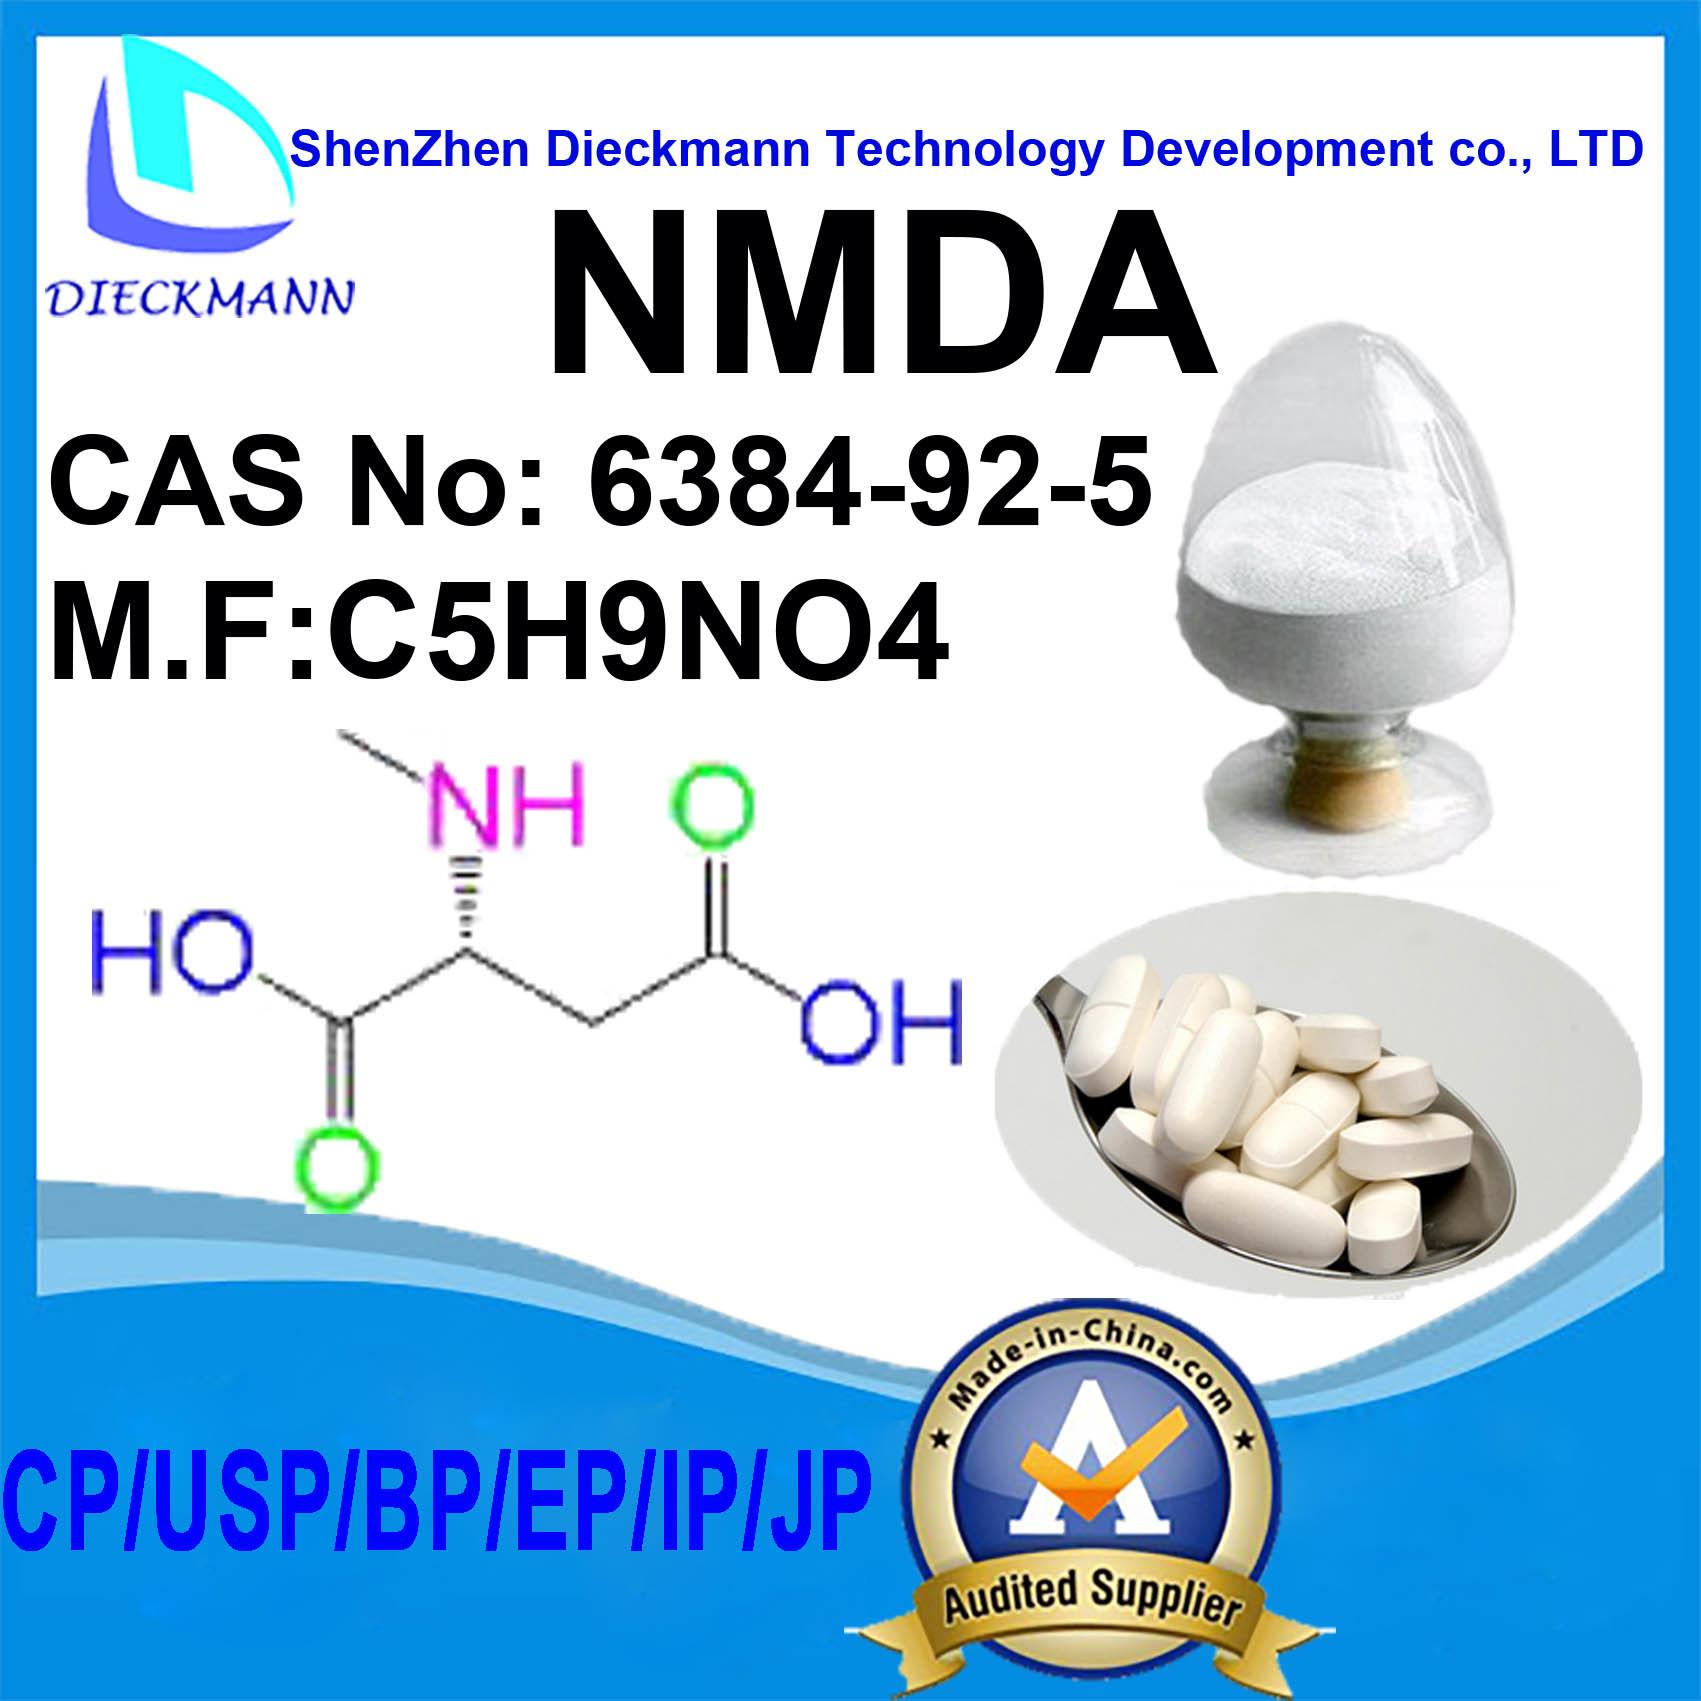 NMDA; CAS No.: 6384-92-5 for Food/Medicine